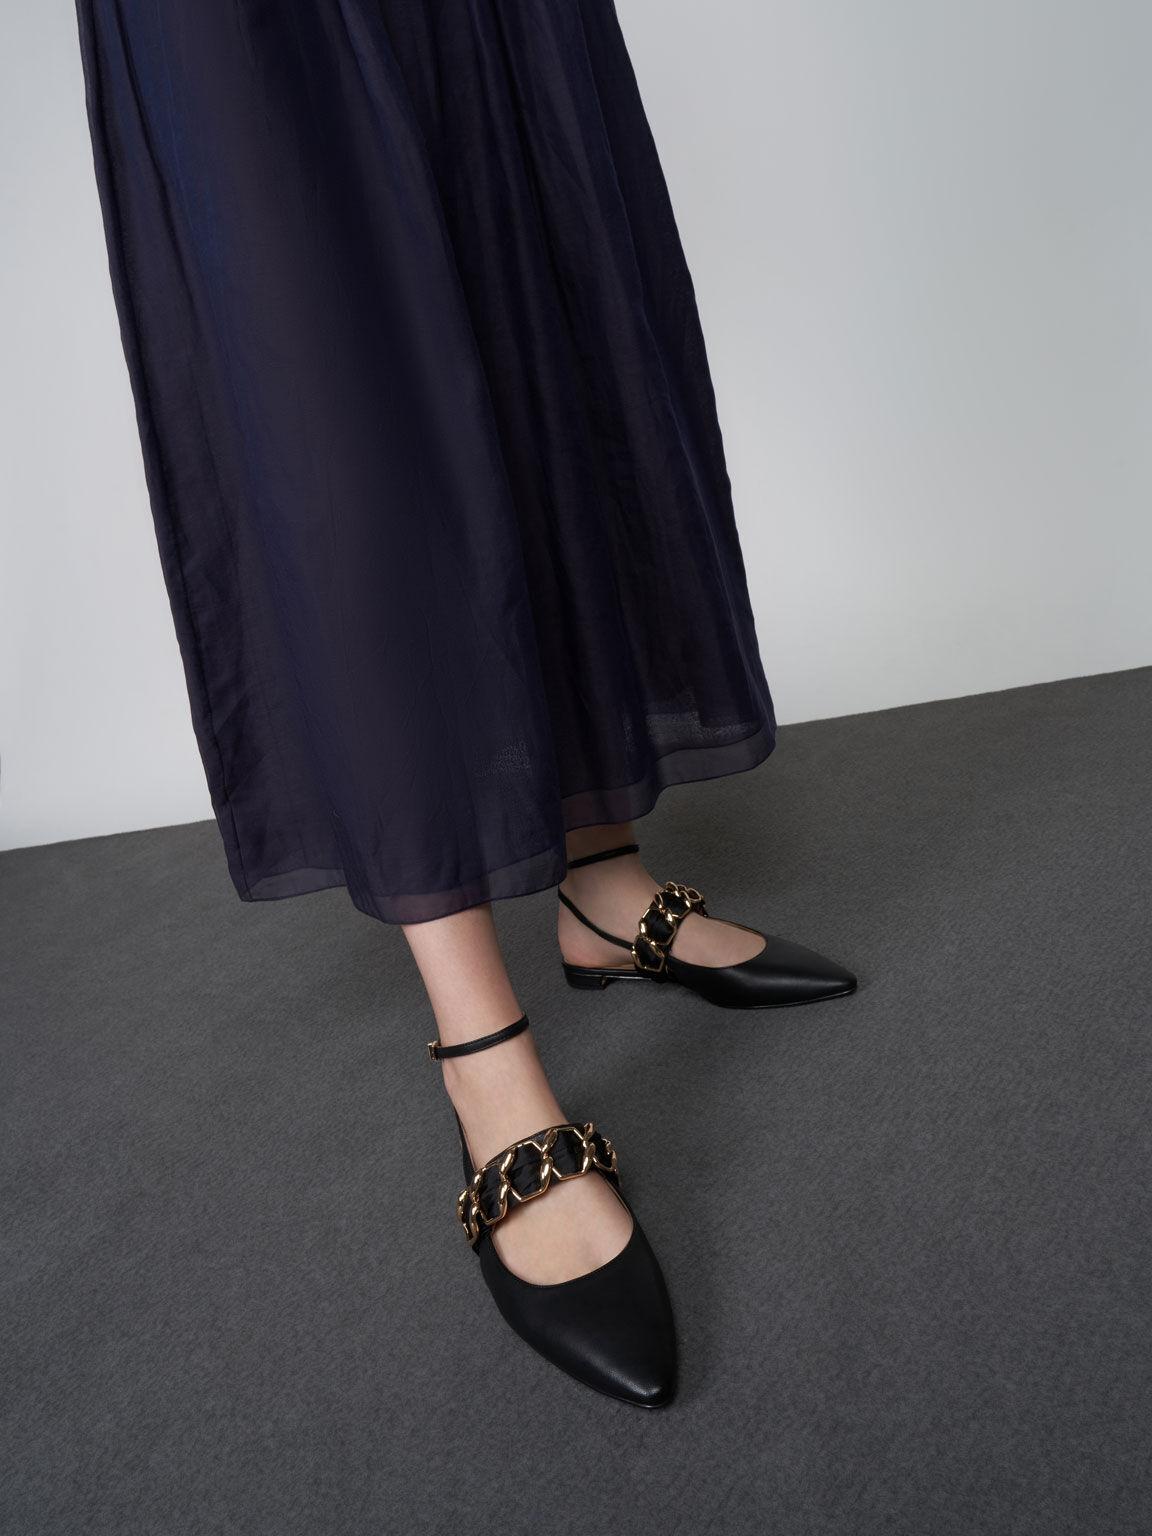 Satin Scarf Leather Ballet Pumps, Black, hi-res